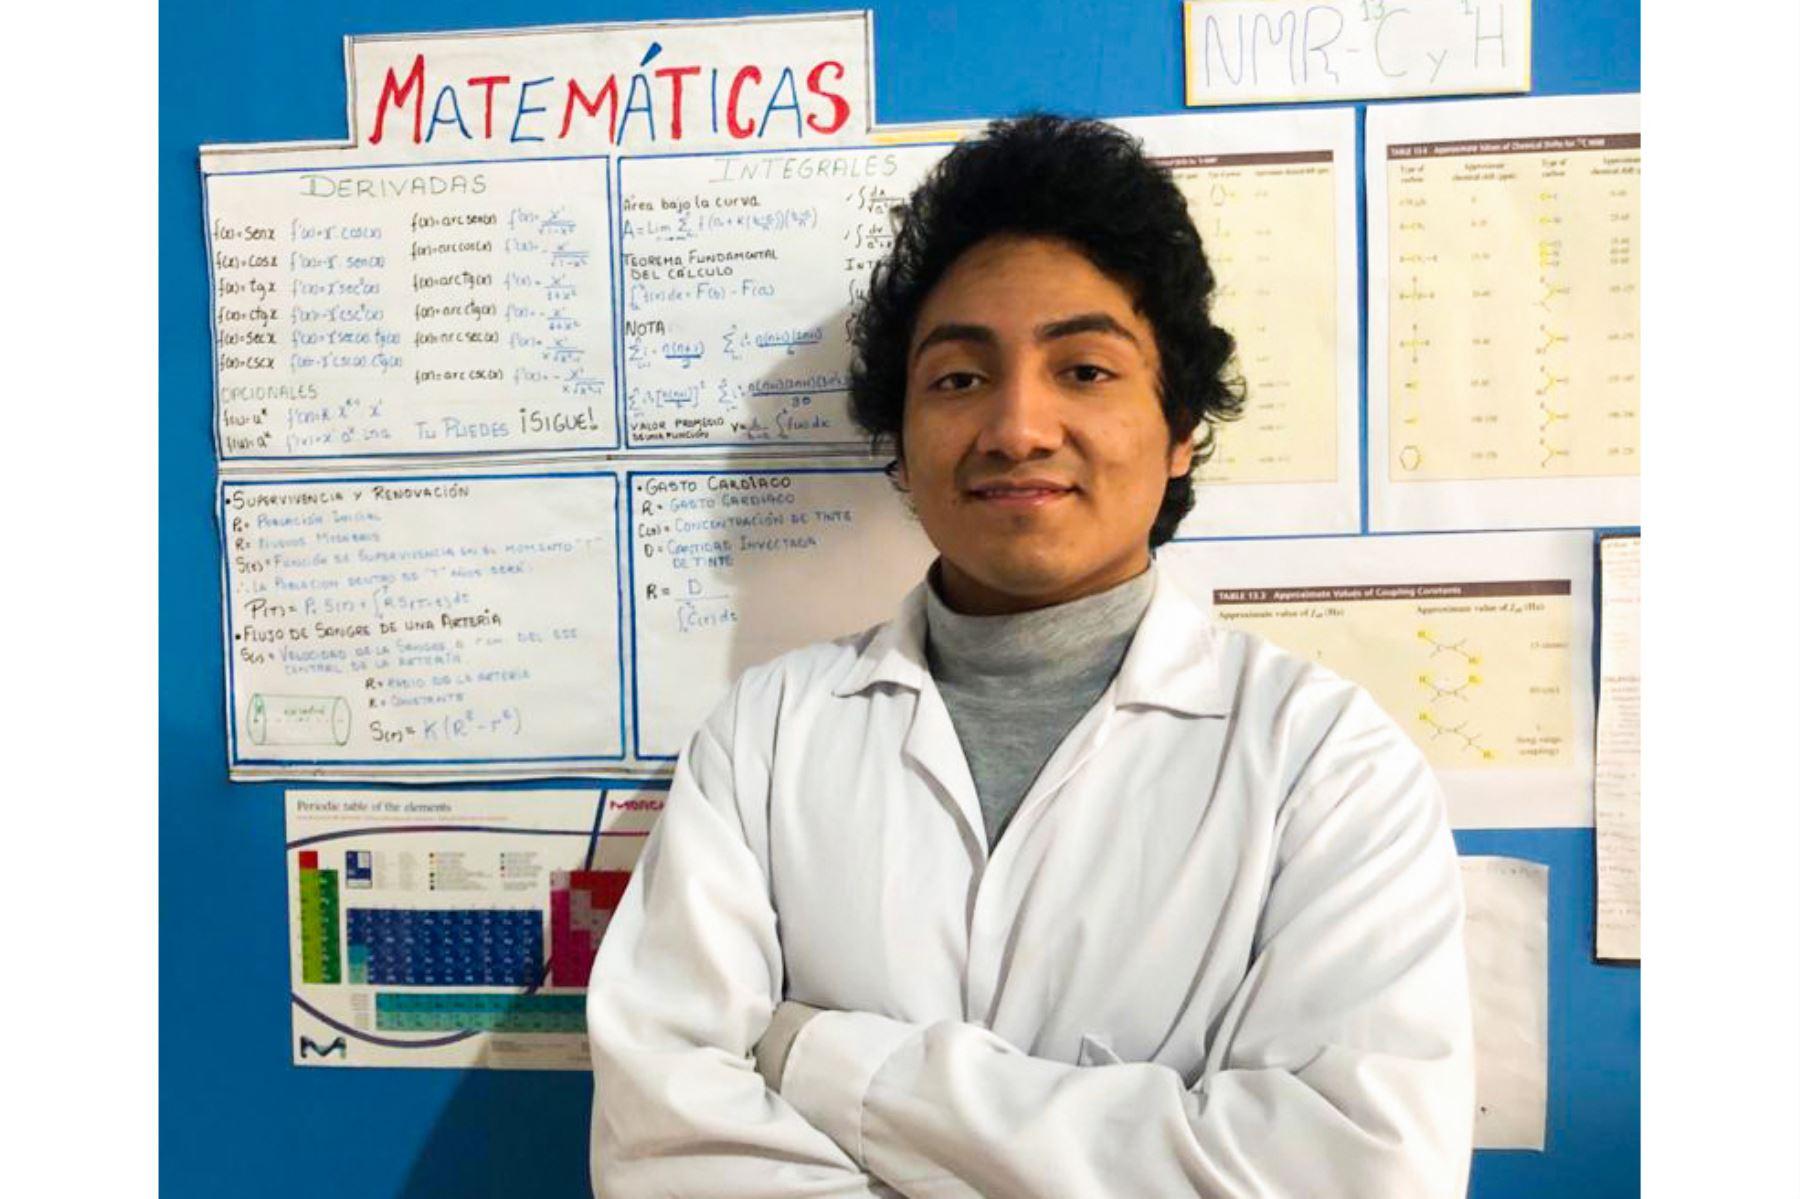 Rubén Darío Velásquez Arbieto, quien en el 2016 ganó una Beca Excelencia Académica para Hijos de Docentes, desarrolla proteína anticocongelante. Foto: PronabecANDINA/Difusión